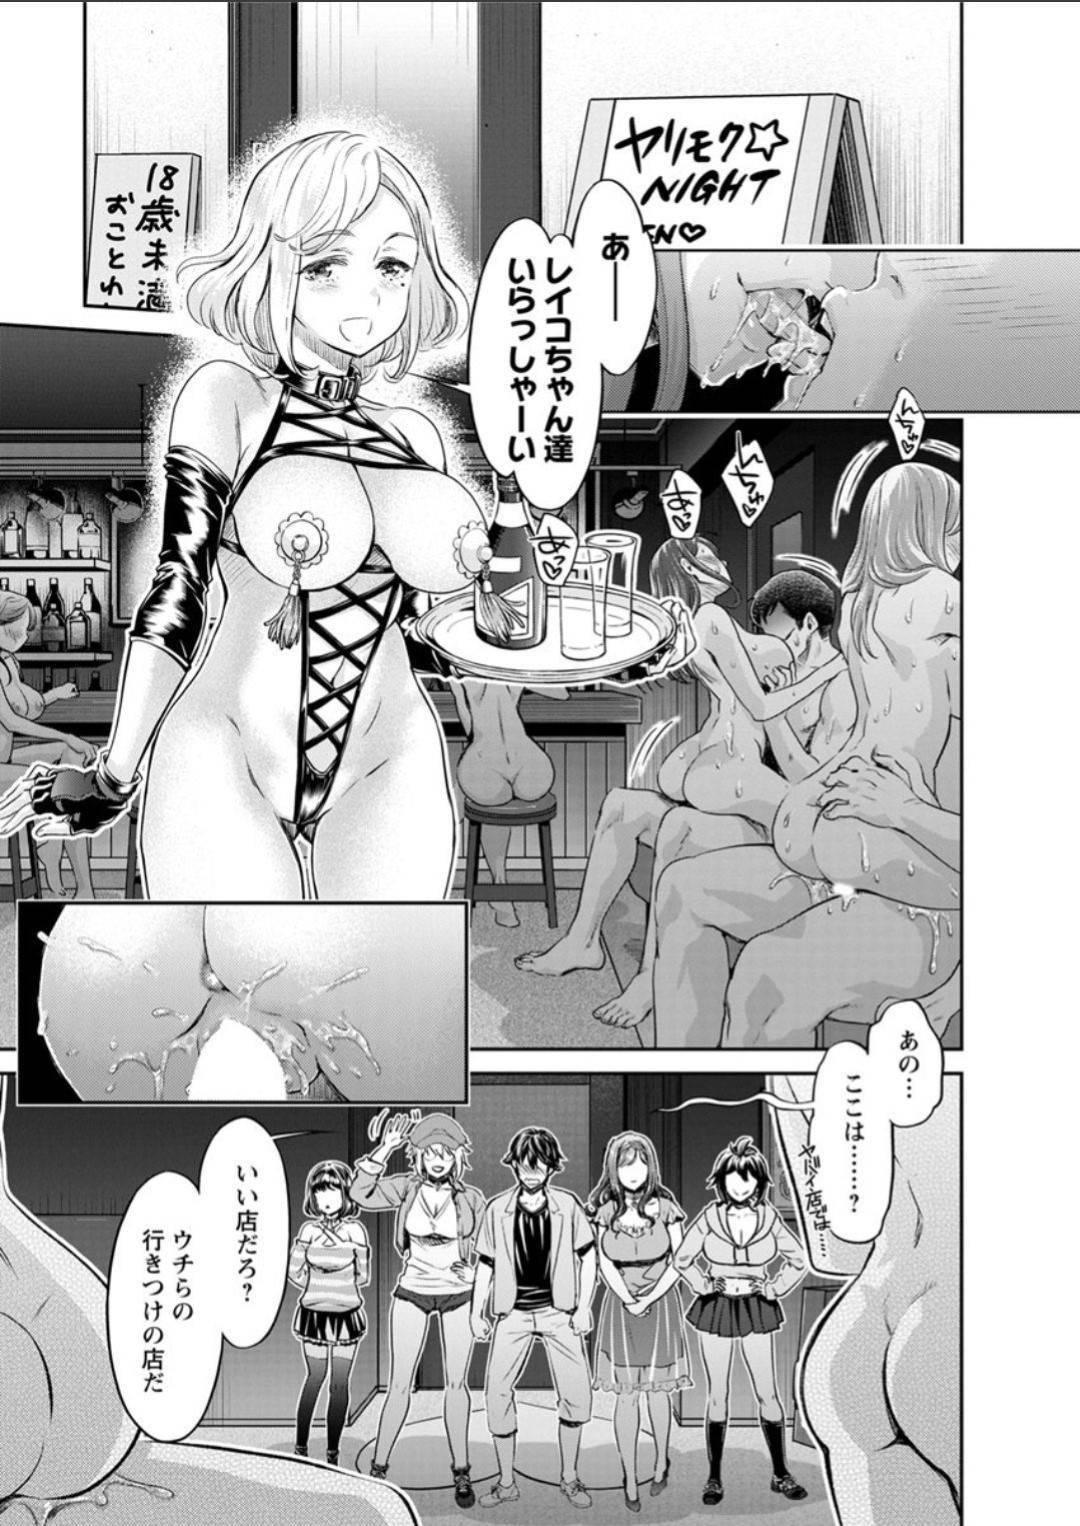 【エロ漫画】ヤリサーに入部して歓迎会から部室に現れなくなった優等生JD…なんと彼女は乱交BARに入り浸っていた!犯されることが夢だった彼女は自ら肉便器となり乱交を愉しんでいた!【うめ丸】